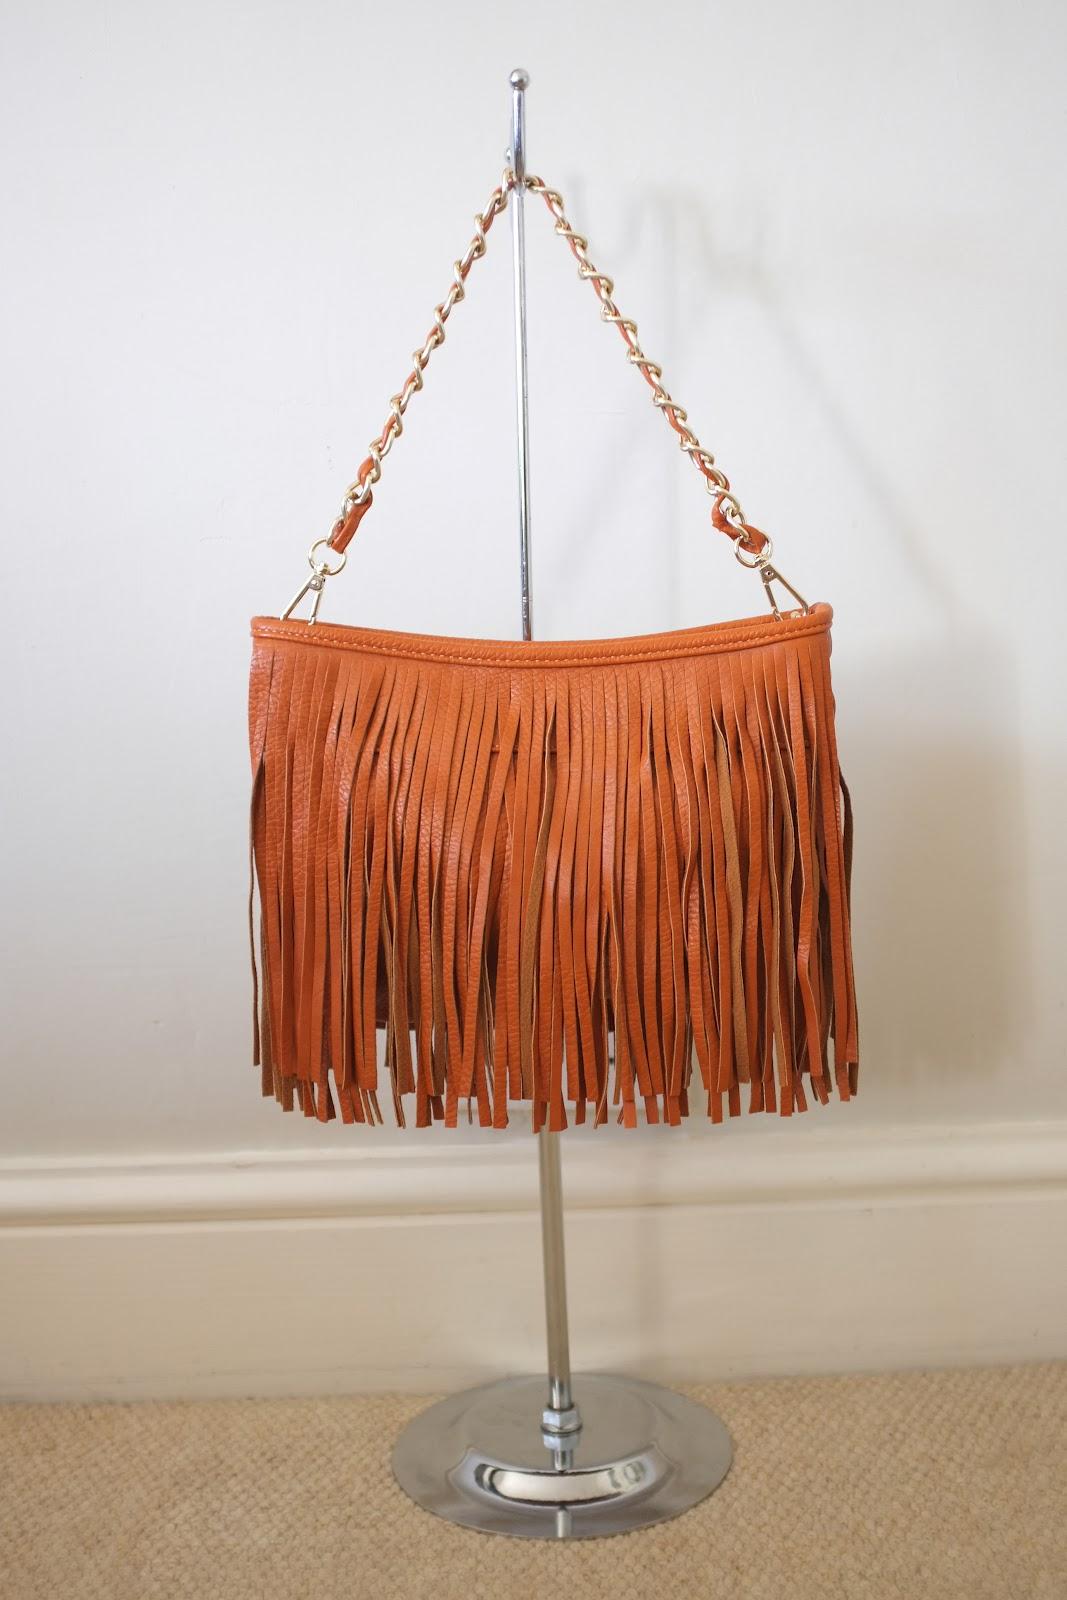 handbags handbags handbags fringe bags